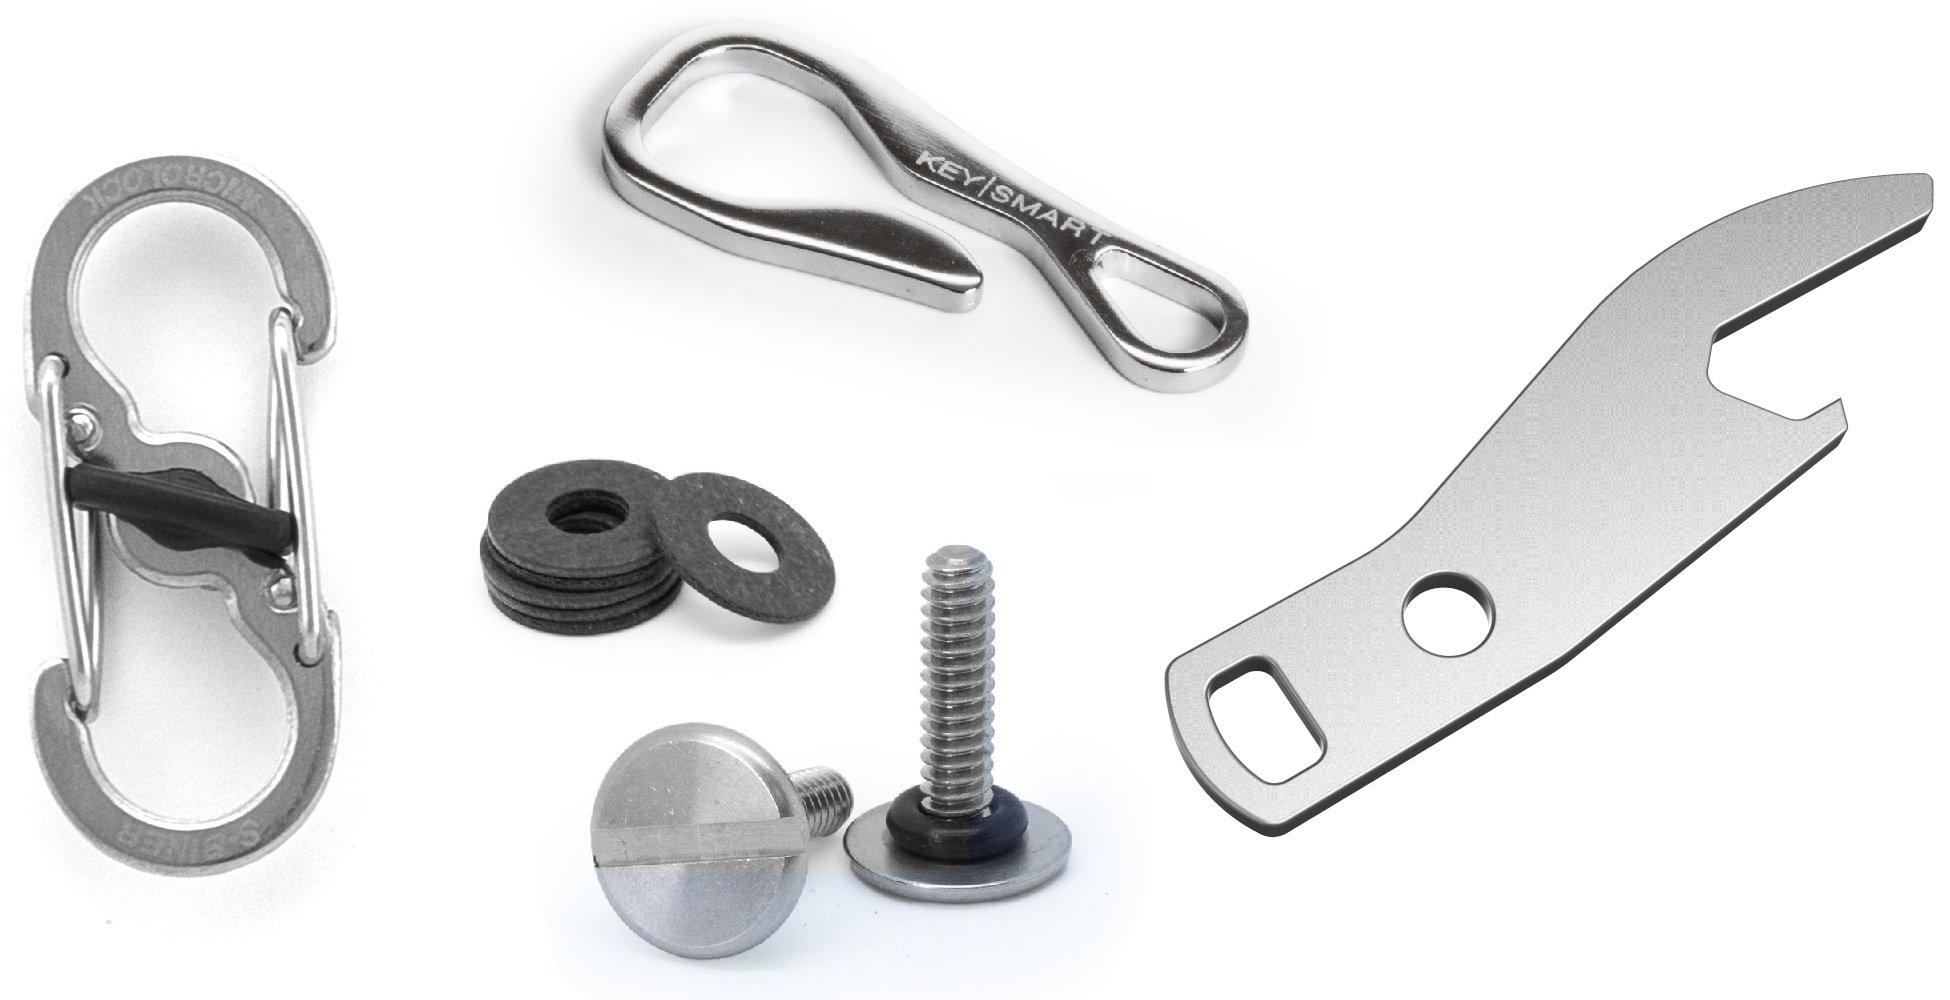 KeySmart Ultimate Accessory Pack: Quick Disconnect, Key Dangler, Bottle Opener, 2-14 Keys Expansion Pack by KeySmart